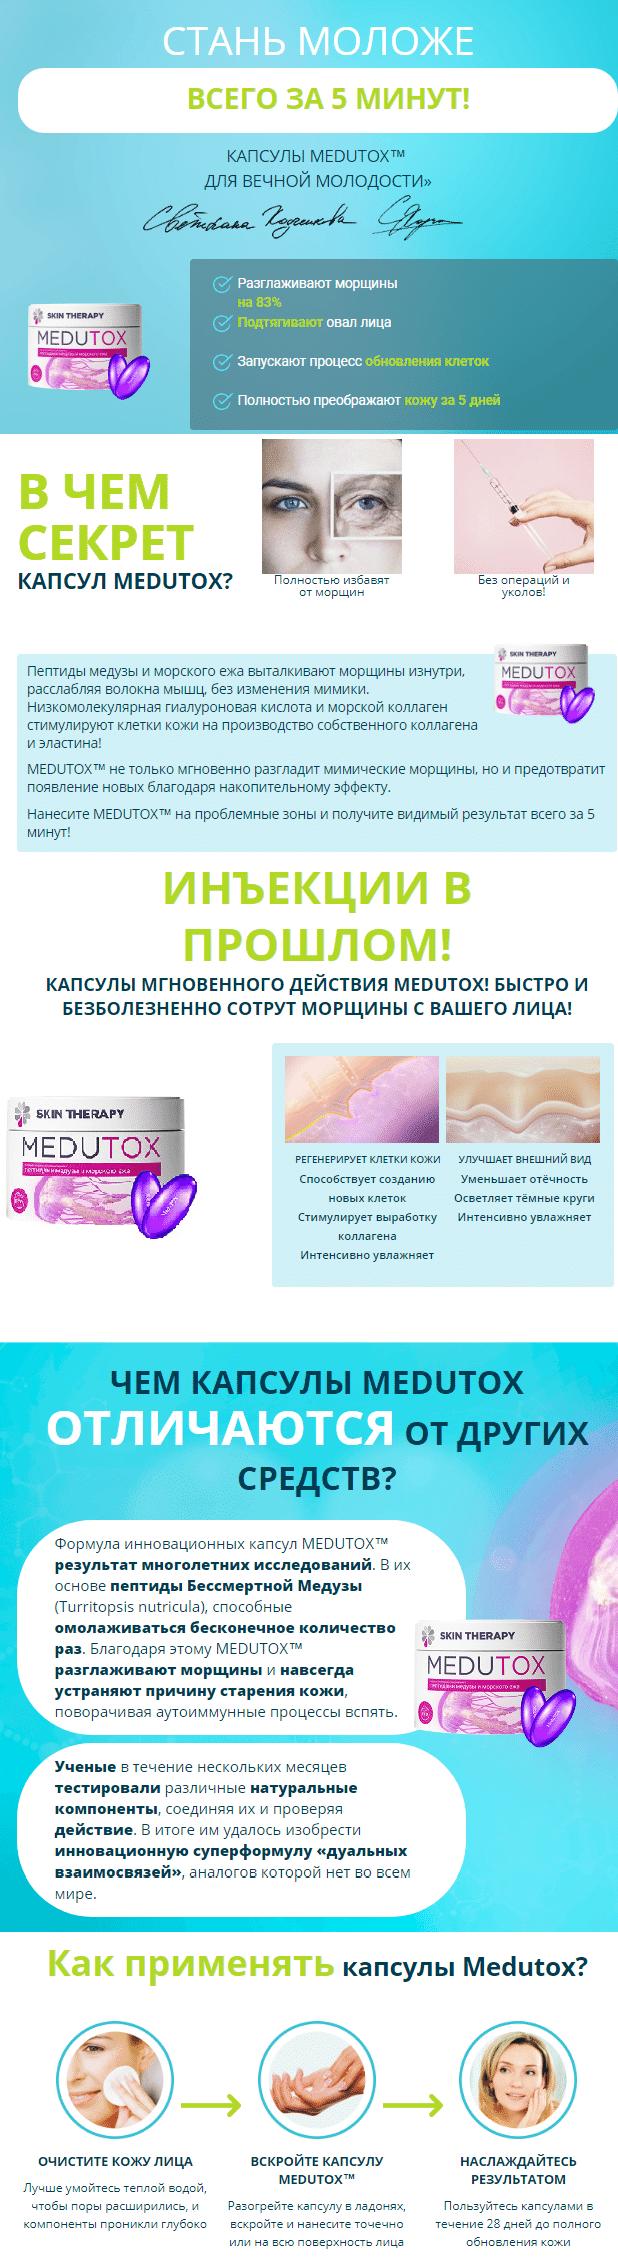 Medutox (Медутокс) - капсулы для омоложения купить